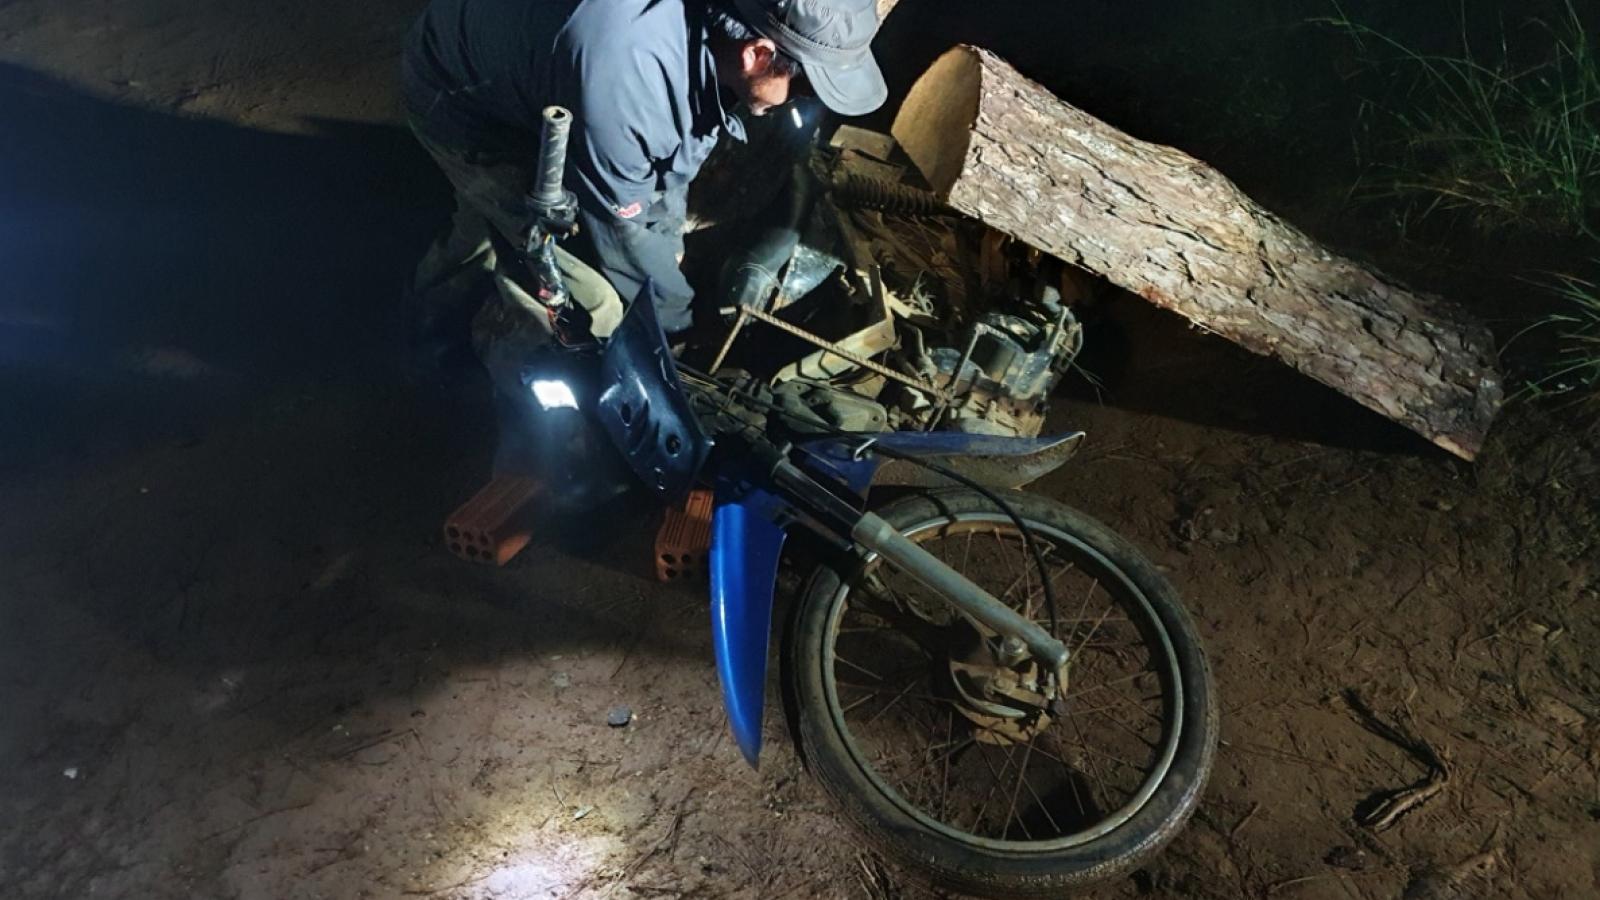 Lâm Đồng: Mật phục bắt quả tang hai đối tượng phá rừng và vận chuyển gỗ trái phép